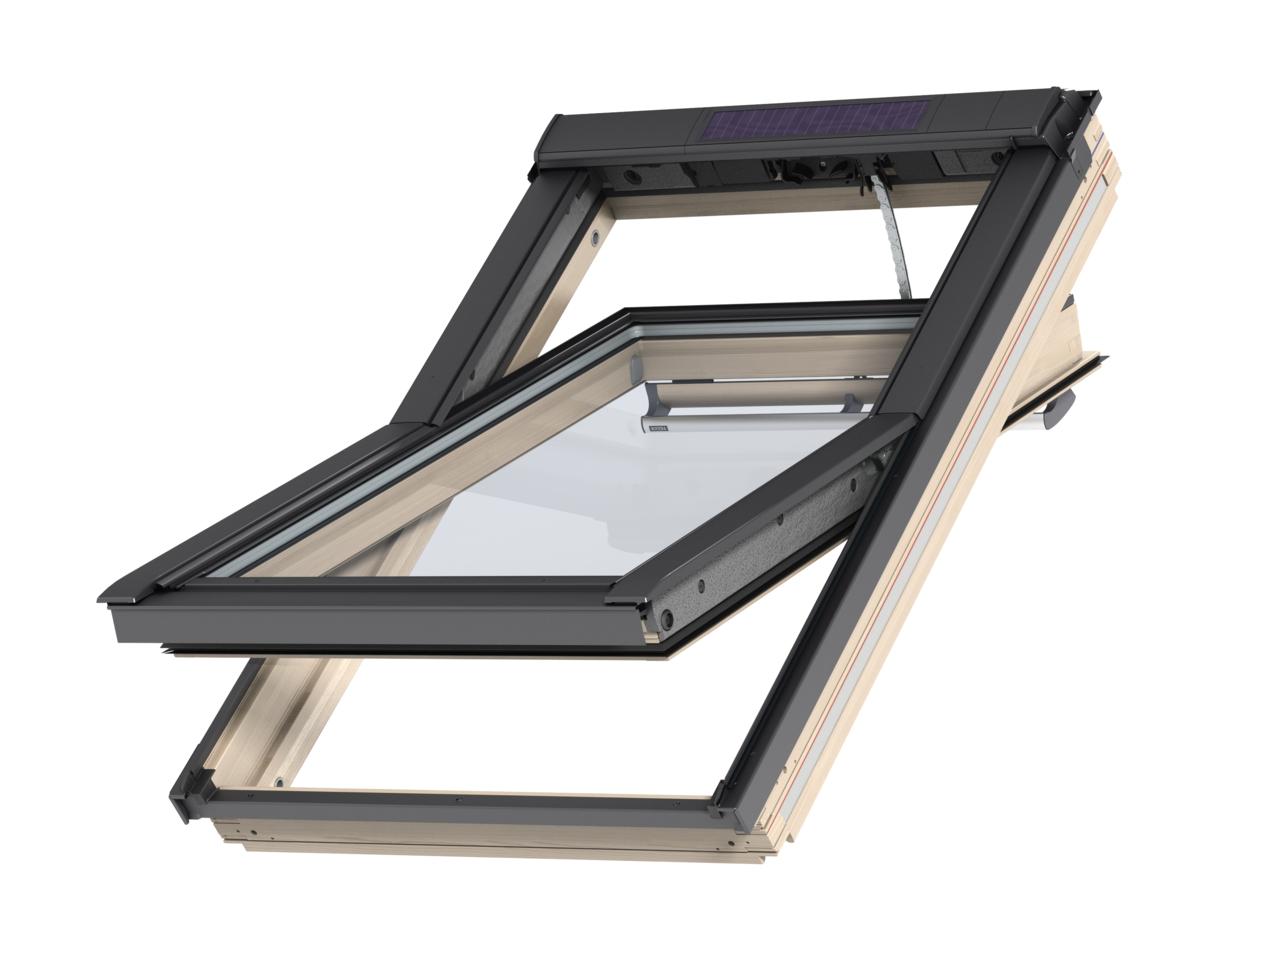 VELUX Elektricky ovládané okno GGL 306830 Solar rozměr: MK08 78x140 cm